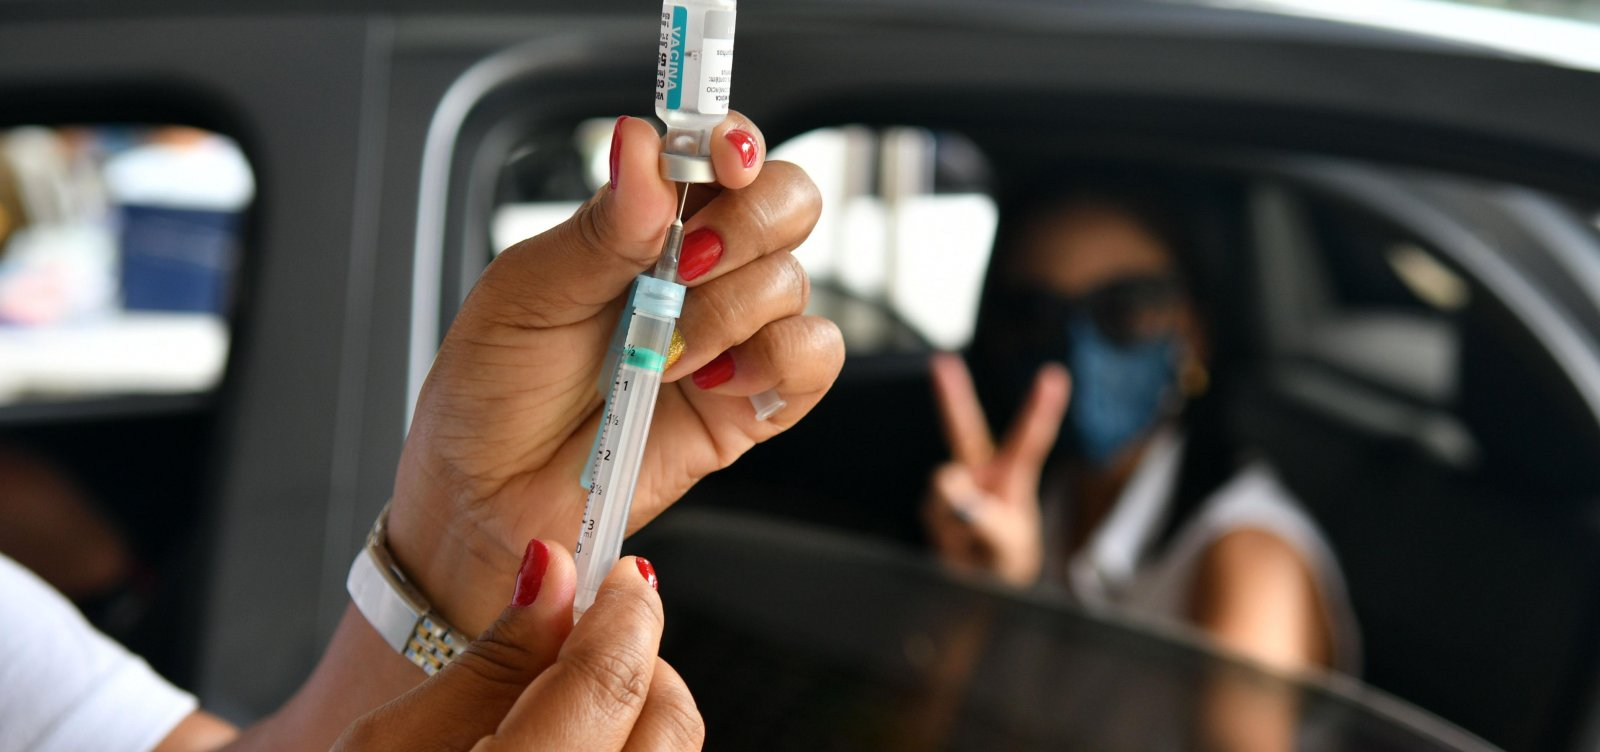 Lactantes, trabalhadores do transporte intermunicipal e caminhoneiros serão vacinados neste sábado